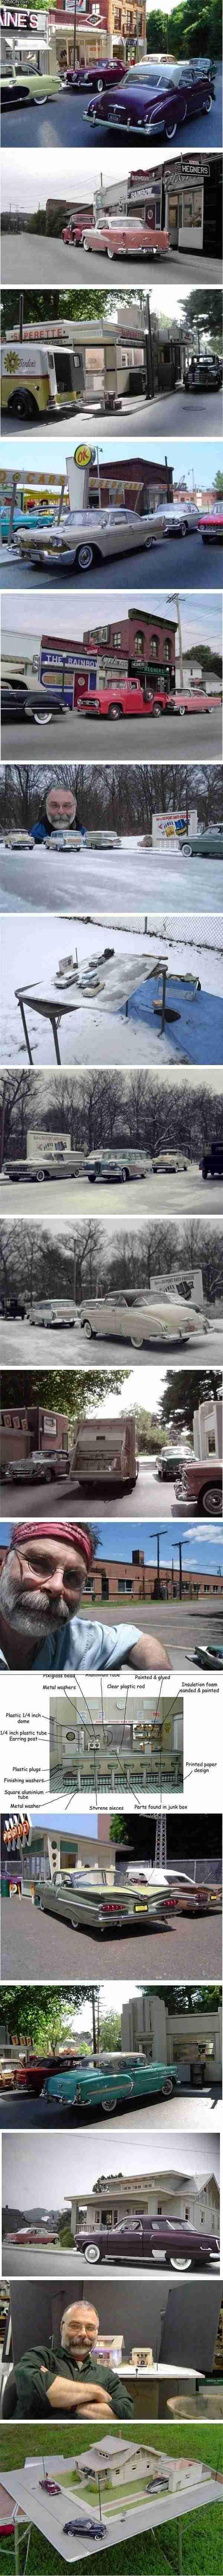 Παλιά αυτοκίνητα; Ή μήπως όχι;